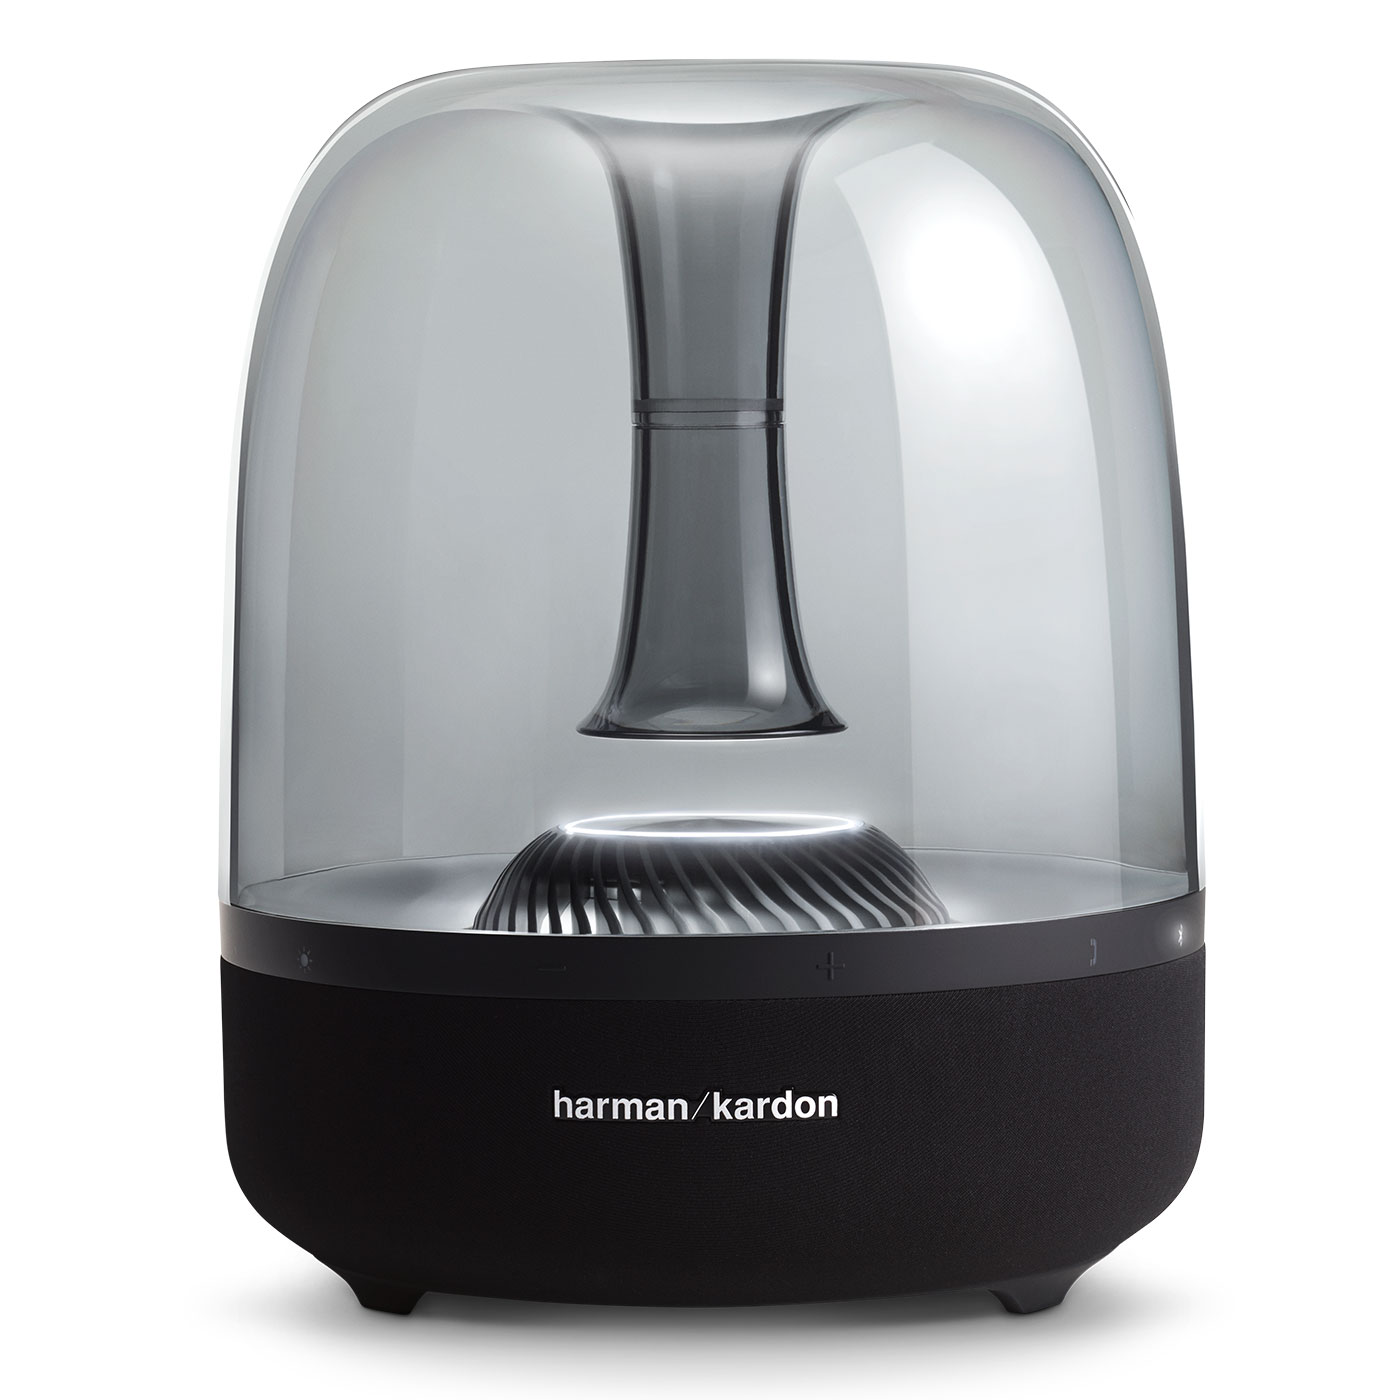 Enceinte Bluetooth Harman Kardon Aura Studio 2 Noir Enceinte sans fil Bluetooth avec micro intégré et éclairage ambiant